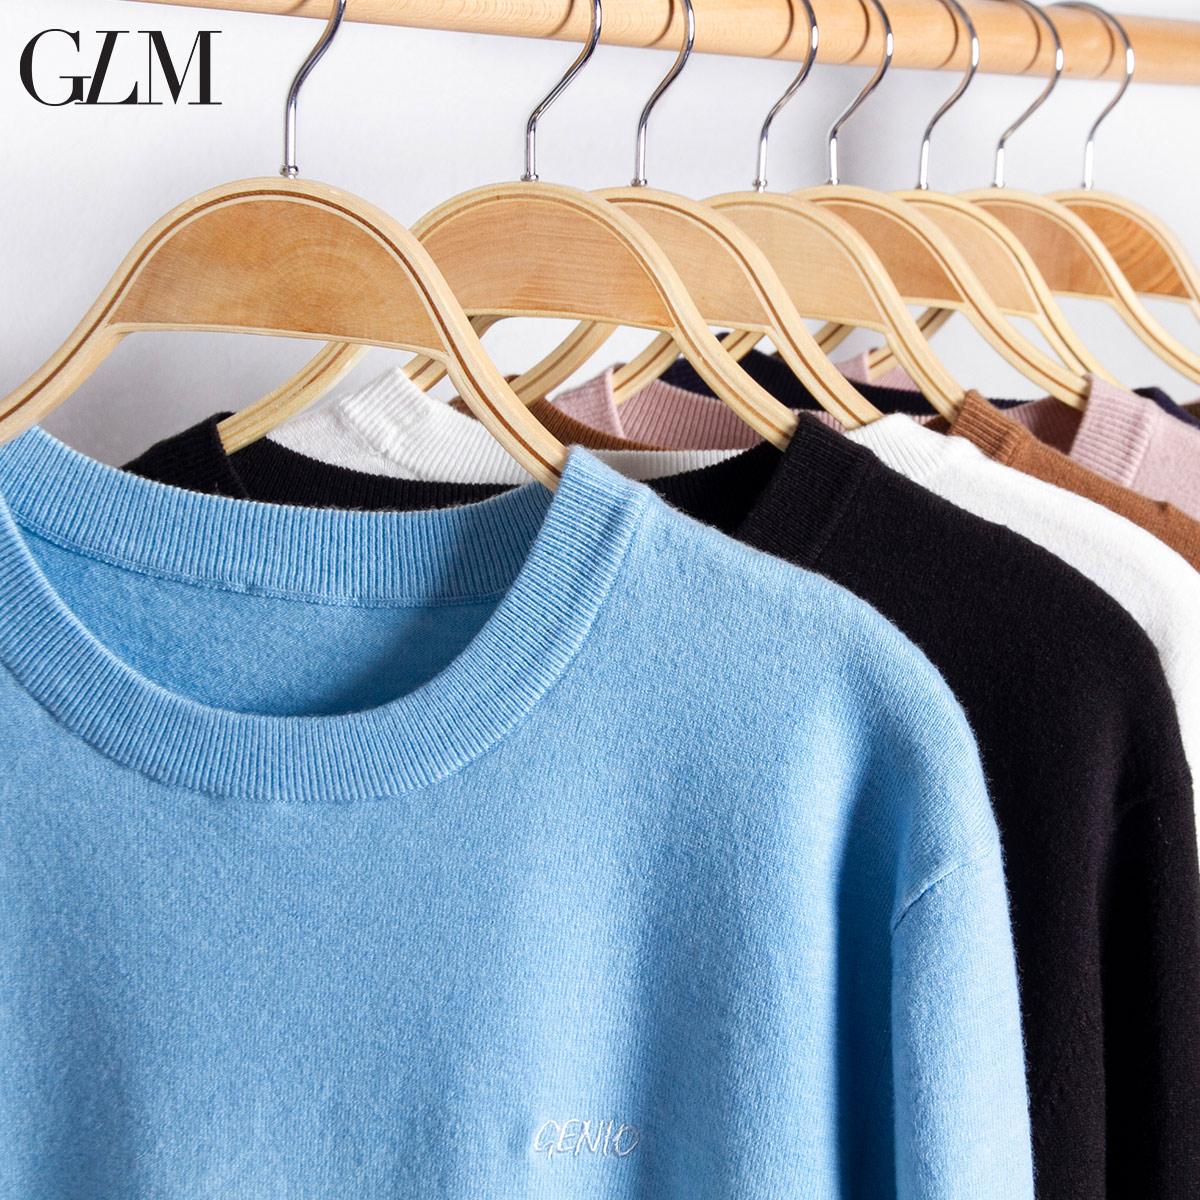 GLM男装冬季新款青年弹力罗纹毛衫针织衫时尚休闲套头衫